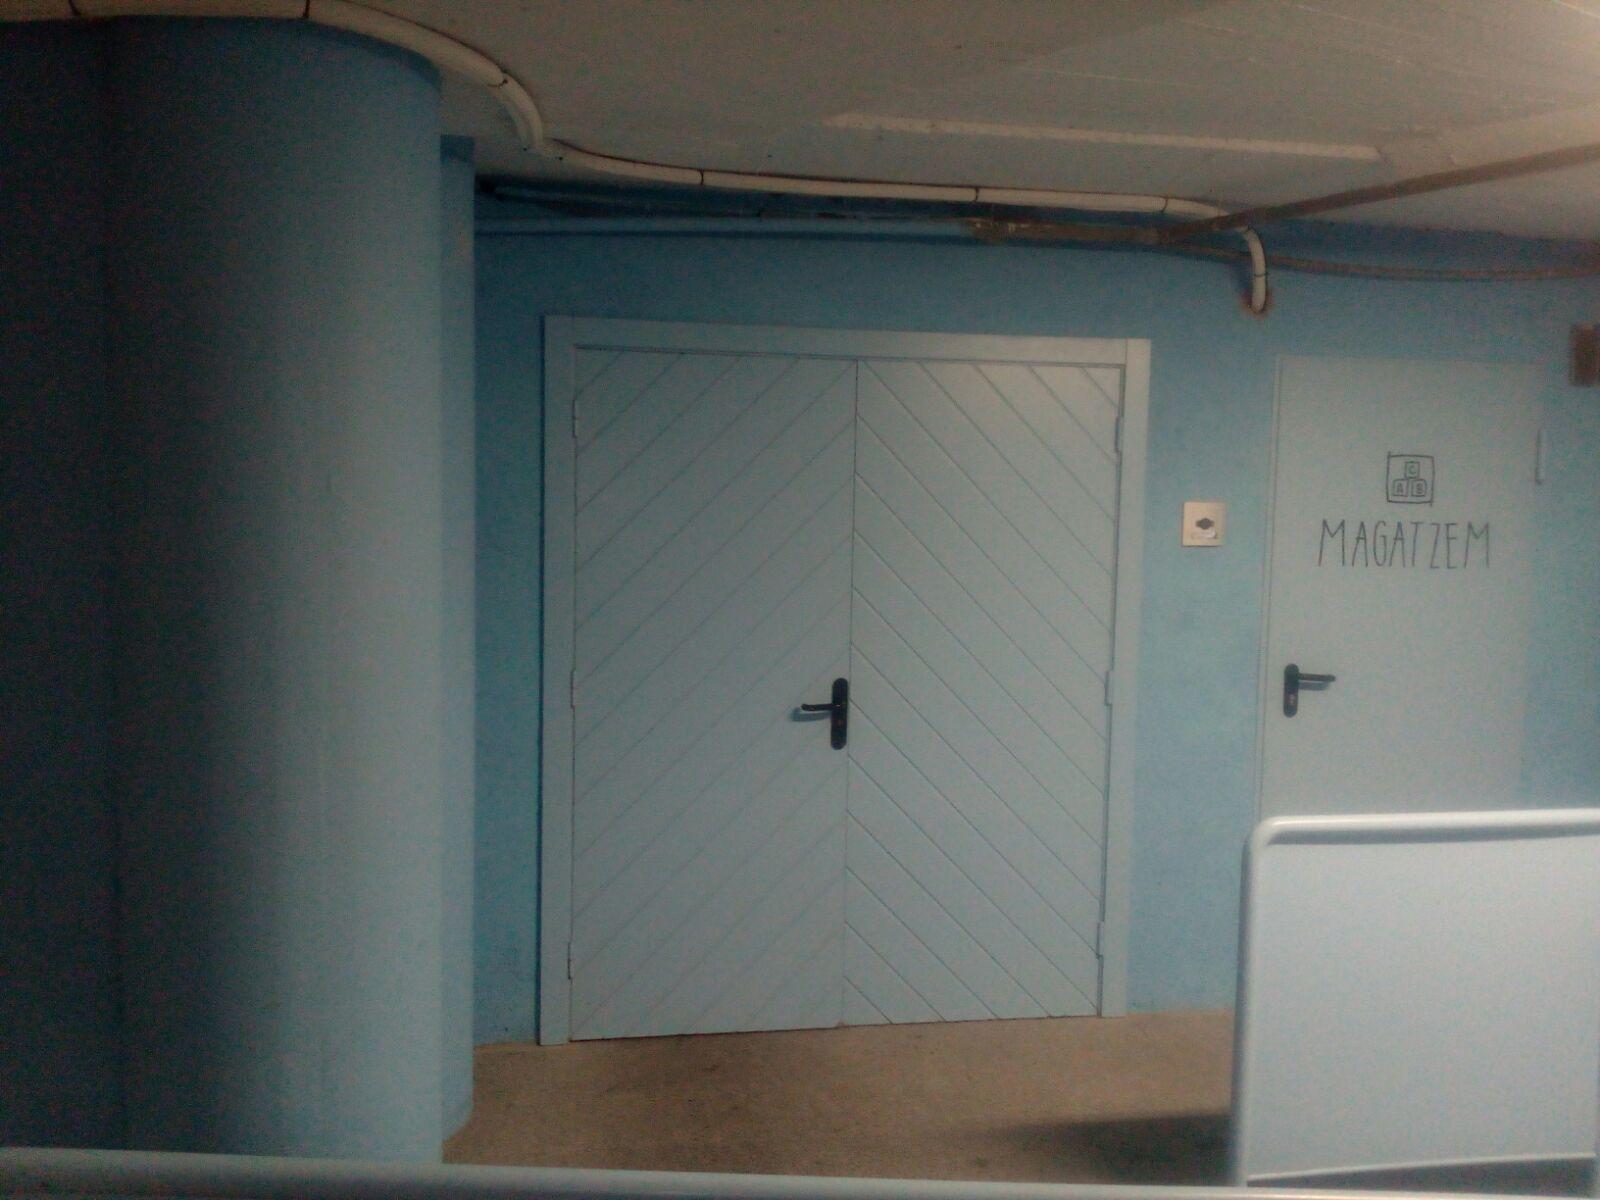 Les portes d'alumini amb lames lacades de Serralleria Segre tenen els requisits de qualitat més alts del mercat, treballem amb els principals proveïdors per oferir el millor material als nostres clients. Si el seu projecte requereix una porta de separació de color, no ho dubti i demani pressupost sense compromís de les portes d'alumini més econòmiques, amb lames horitzontals, planes o del tipus veneciana.